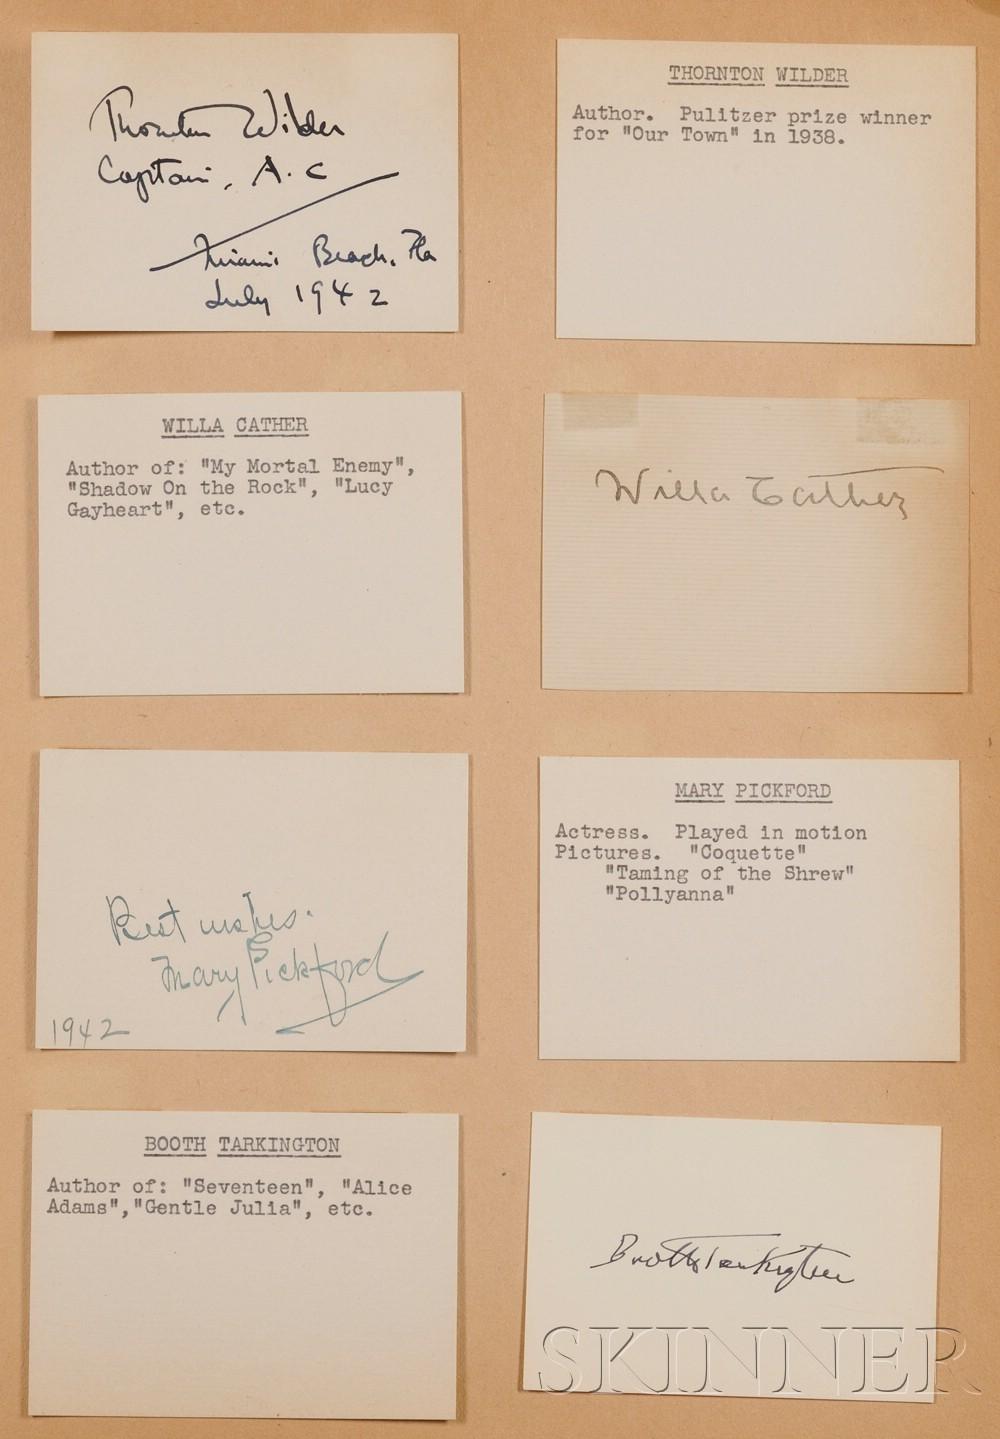 (Autograph Album, 20th century)